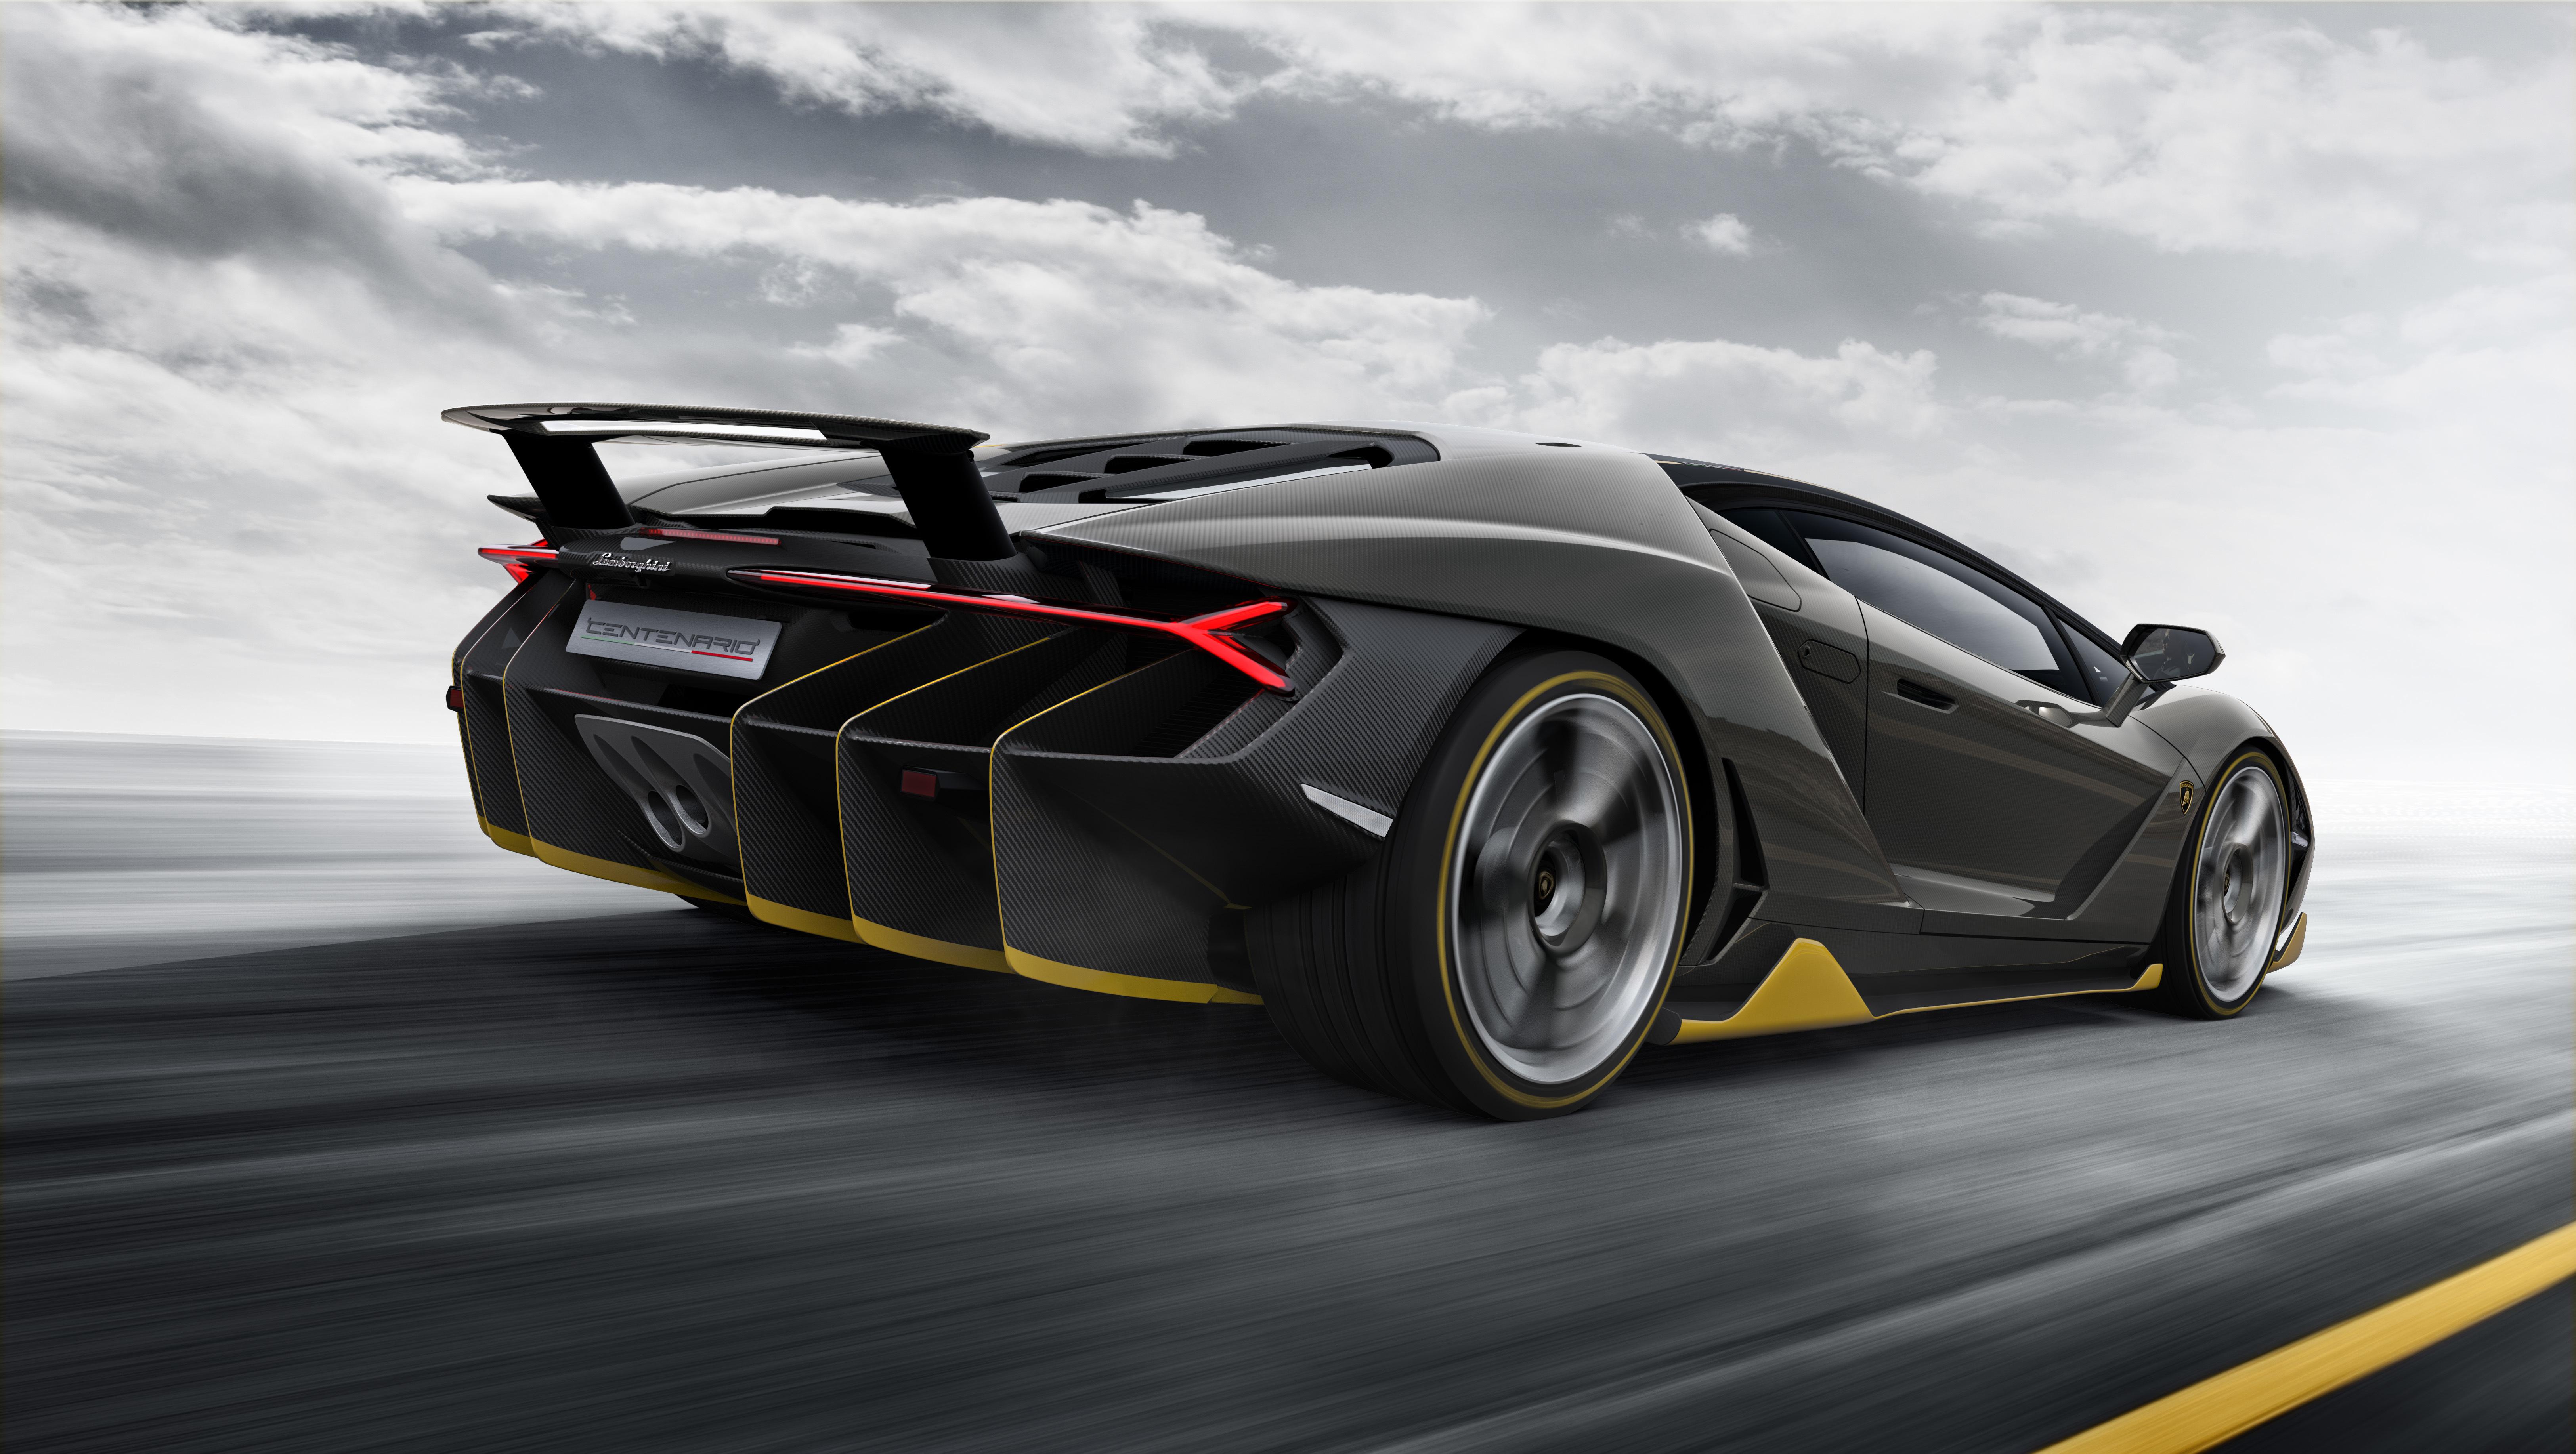 Картинка: Lamborghini, Centenario, LP 770-4, спорткар, скорость, движение, дорога